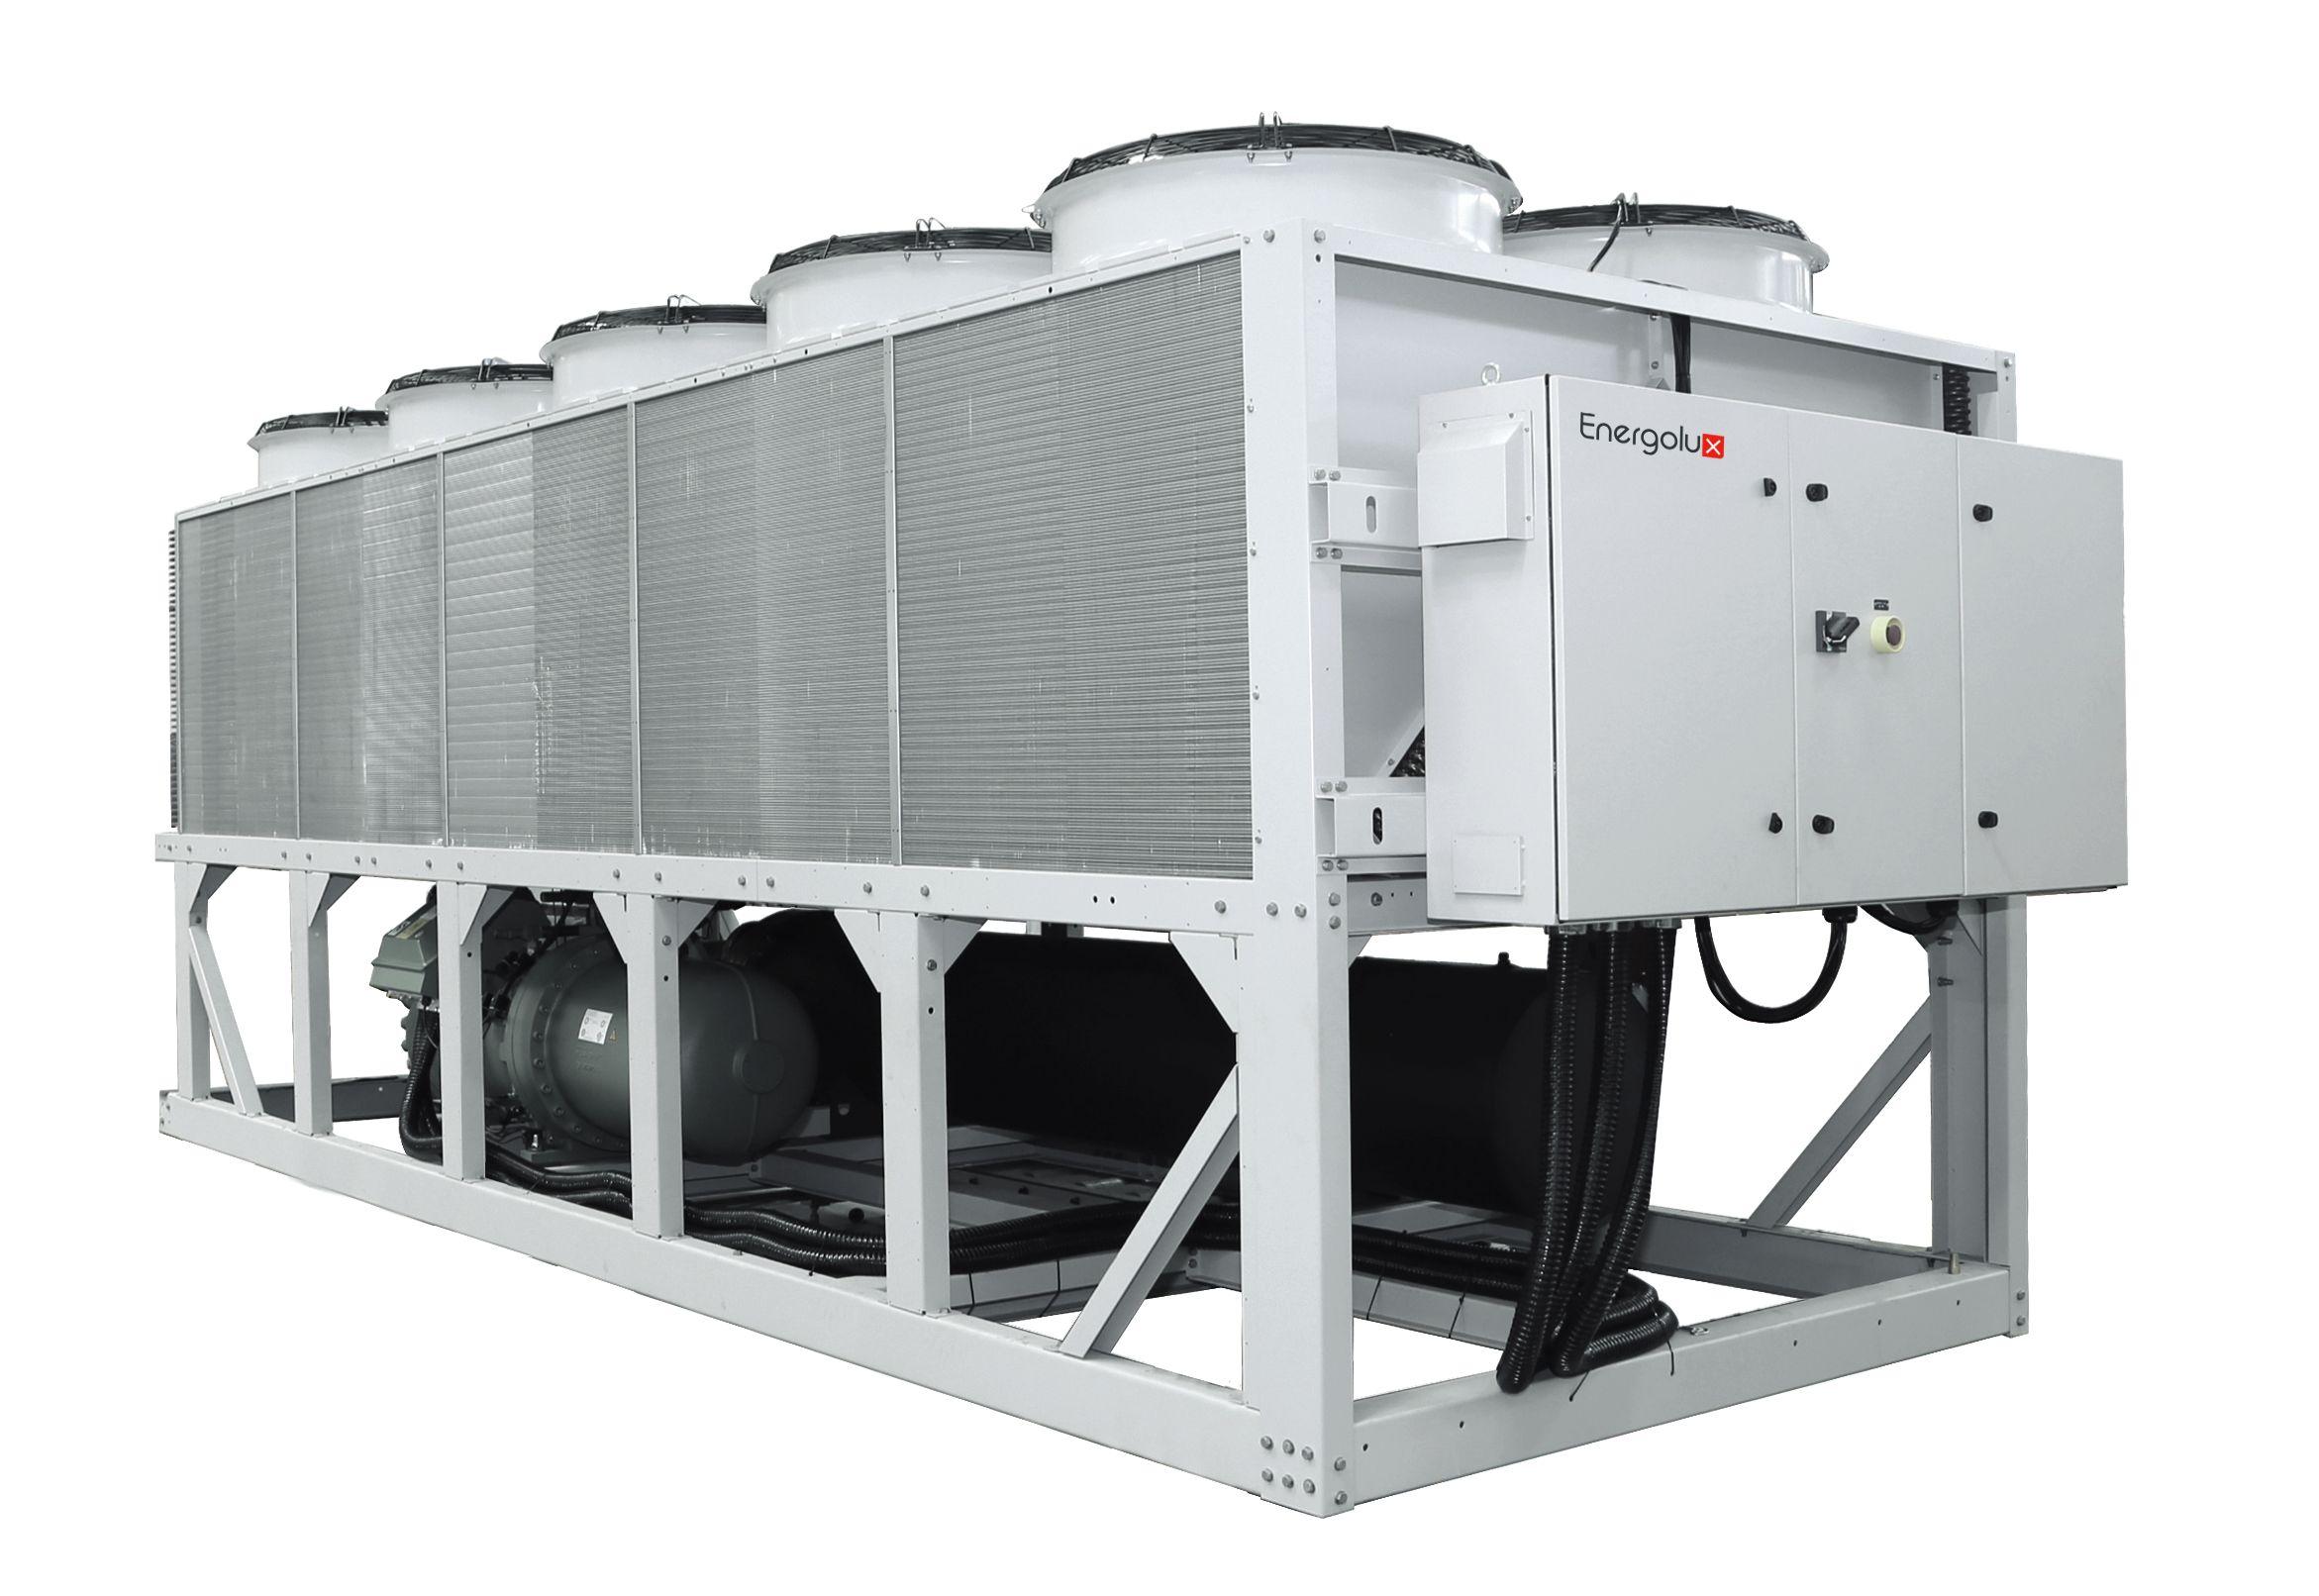 Energolux SCAW-FC-T 2410 V